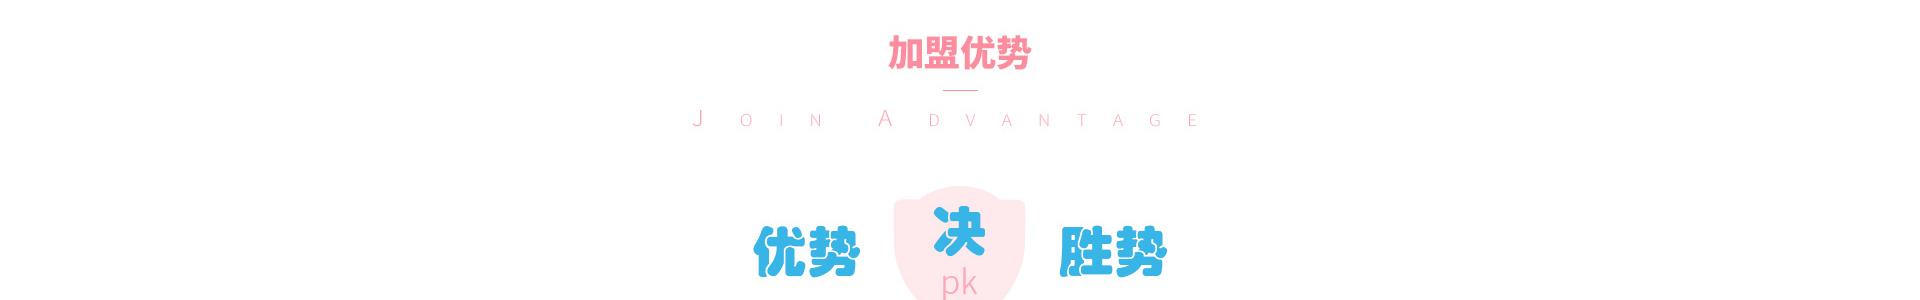 爱玩爱游亲子成长中心aiwanay_22